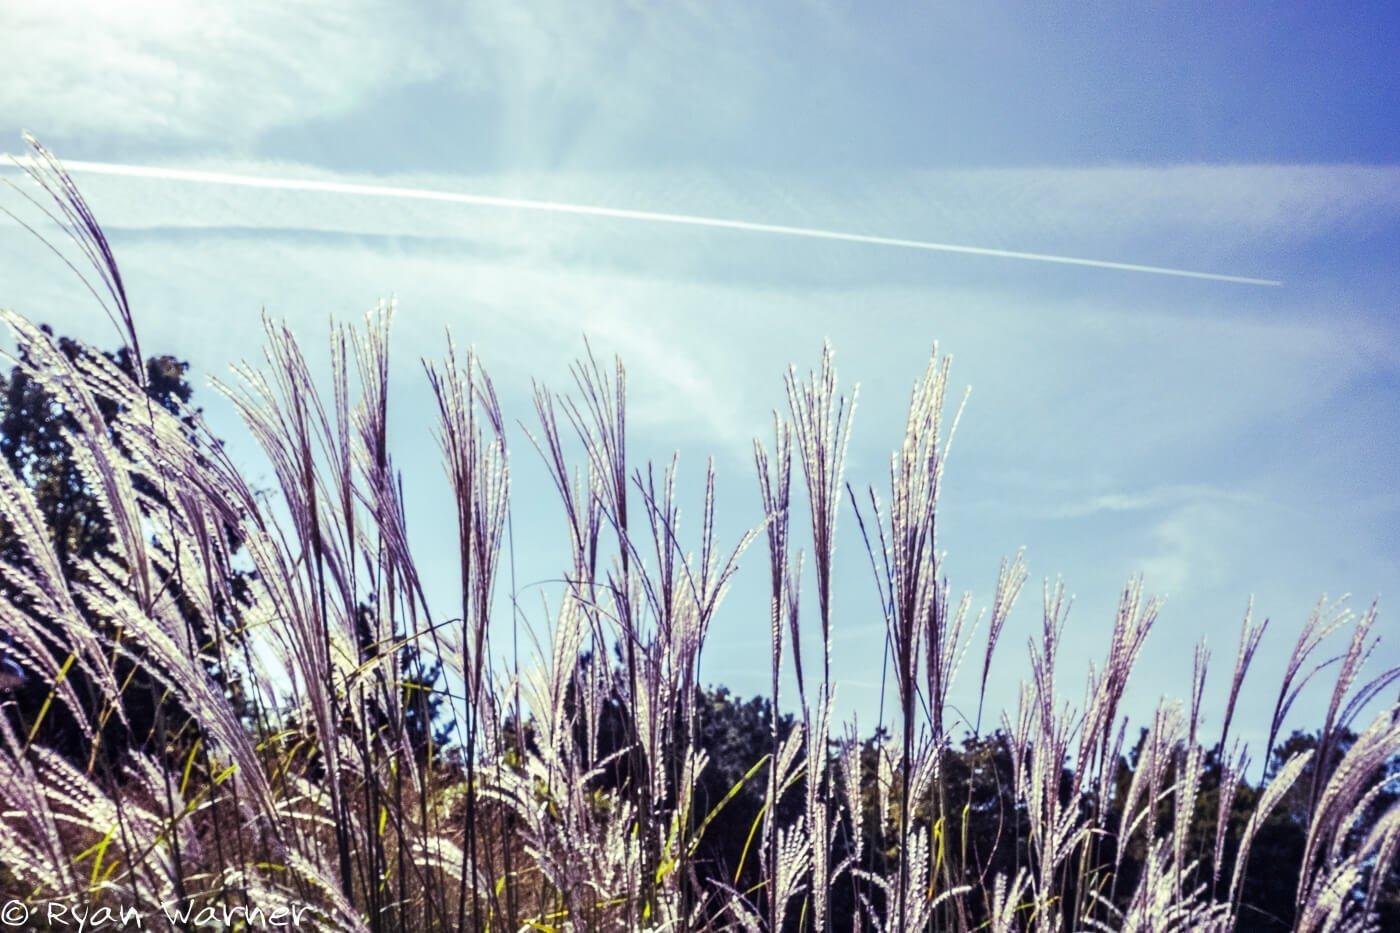 Grass-Euclid Beach-Cleveland, Ohio